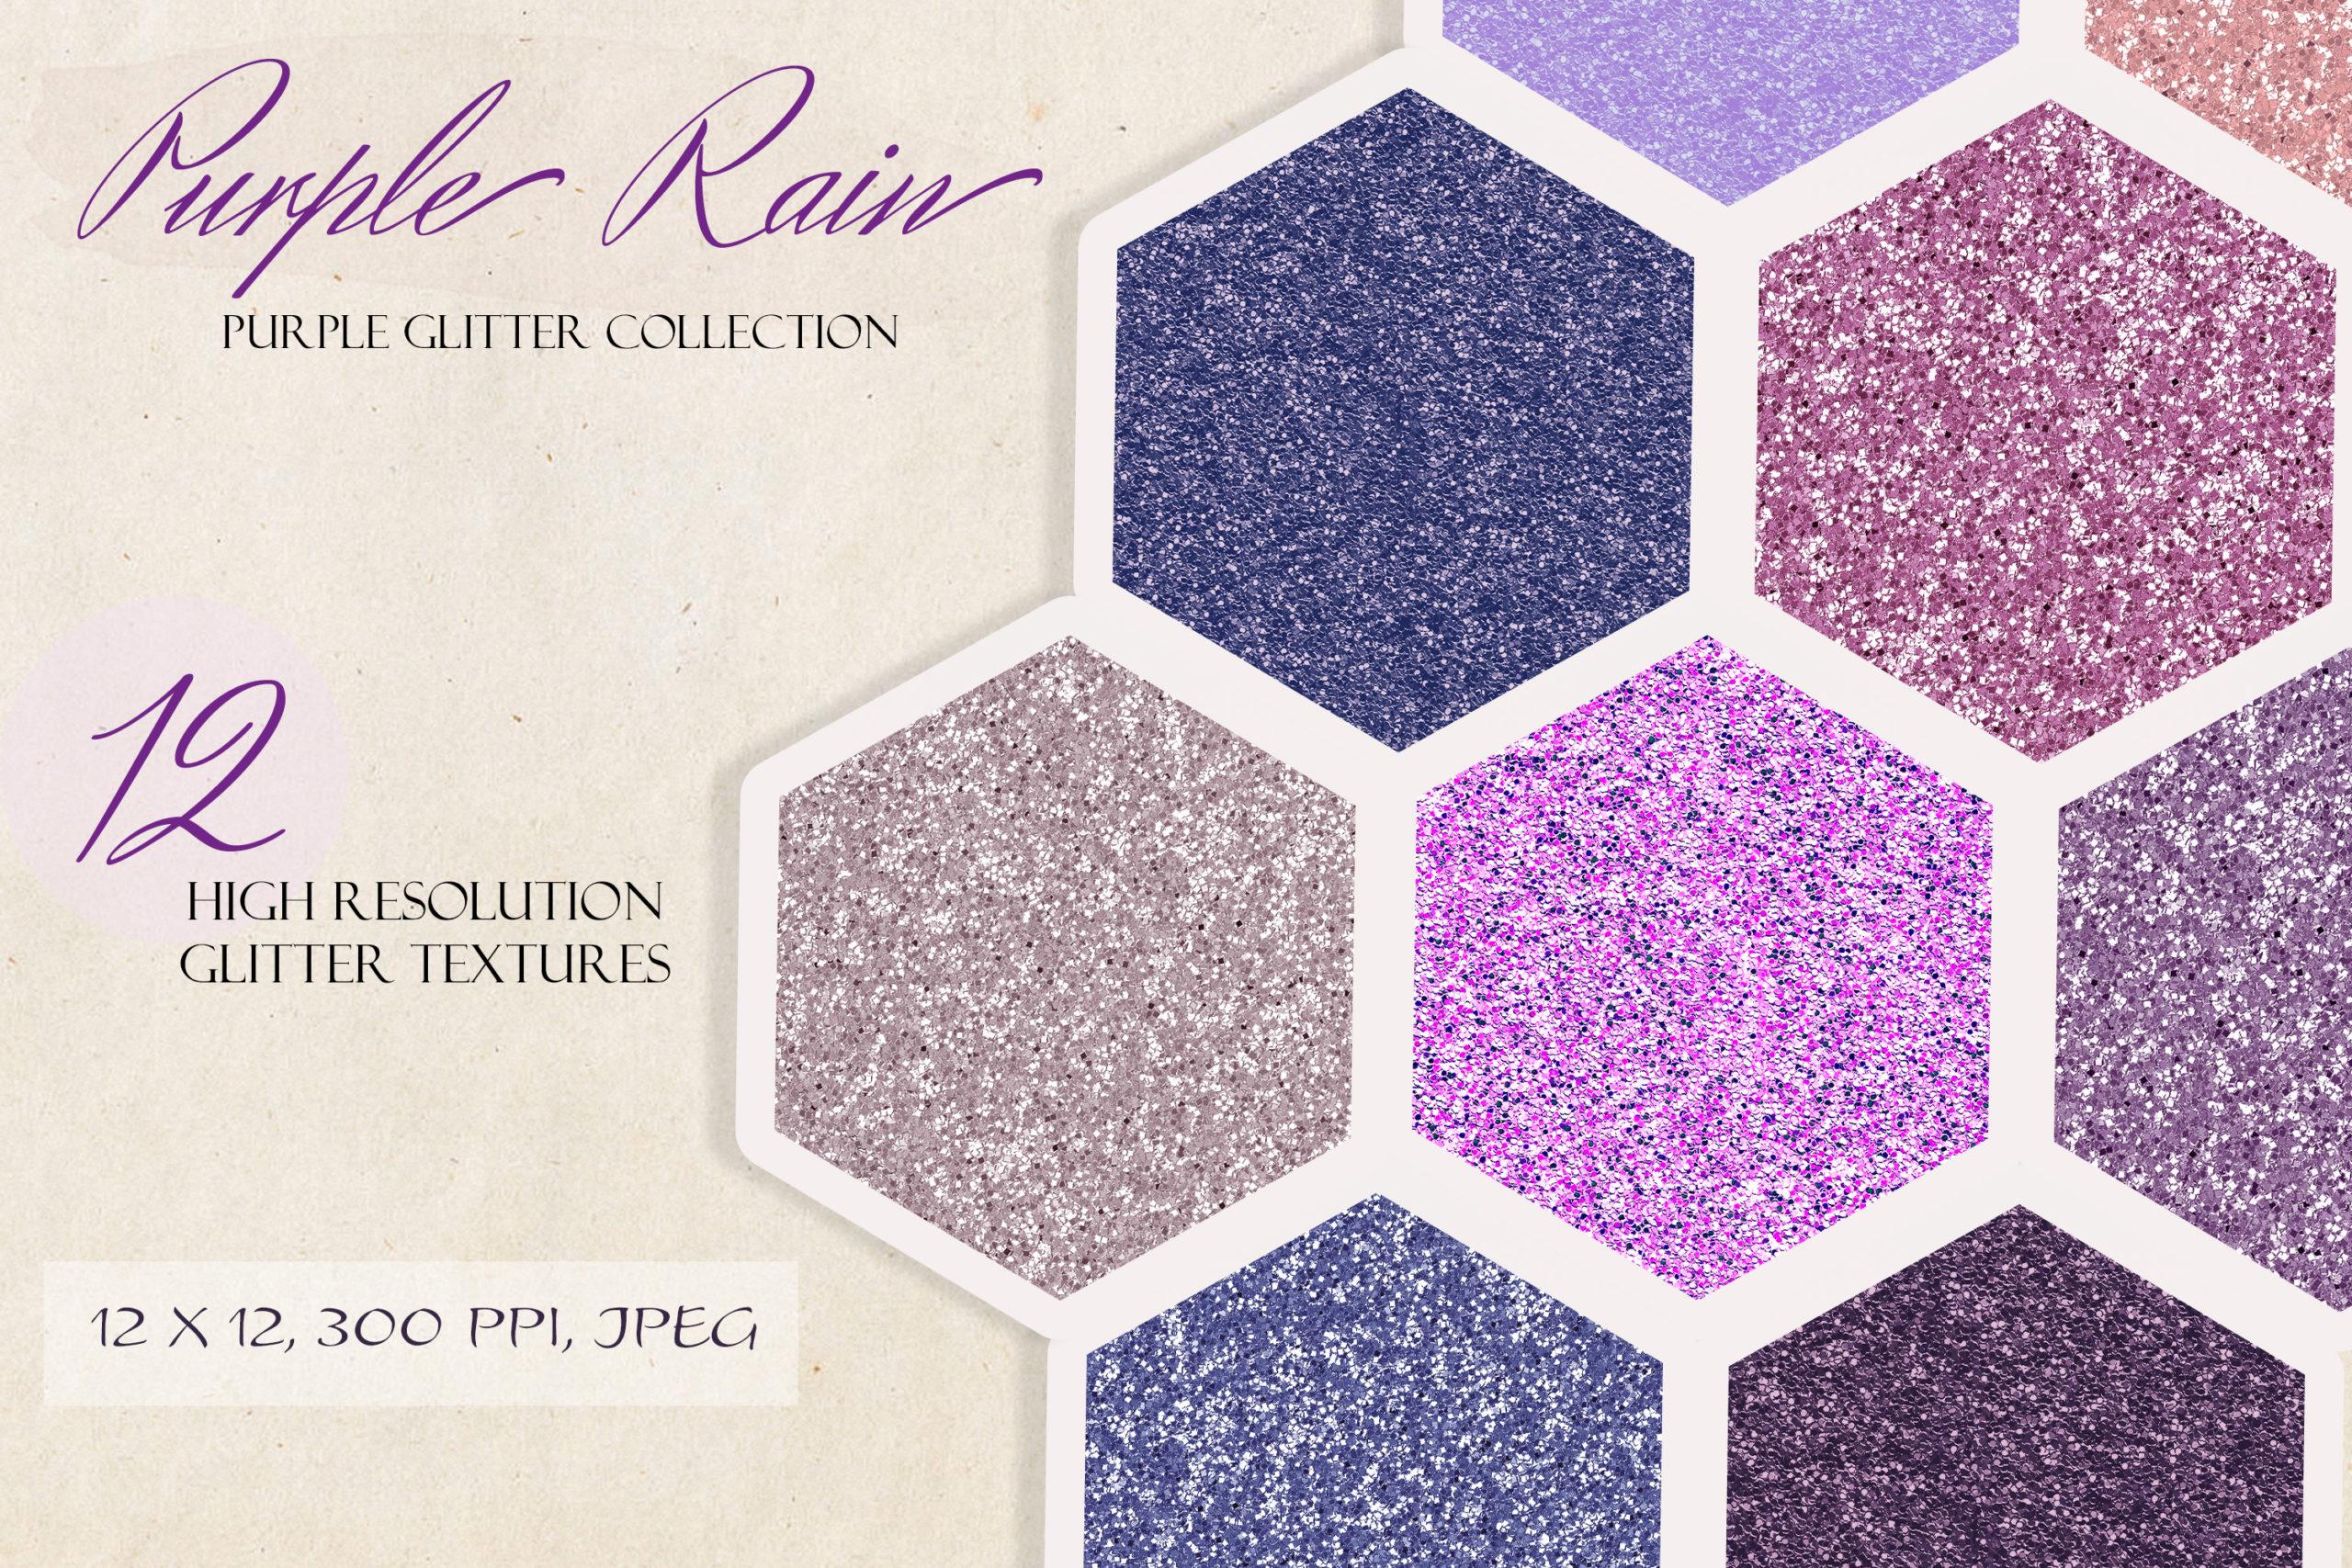 12款紫色闪光贴纸纹理背景图片素材 Purple Rain Glitter Texture Pack插图